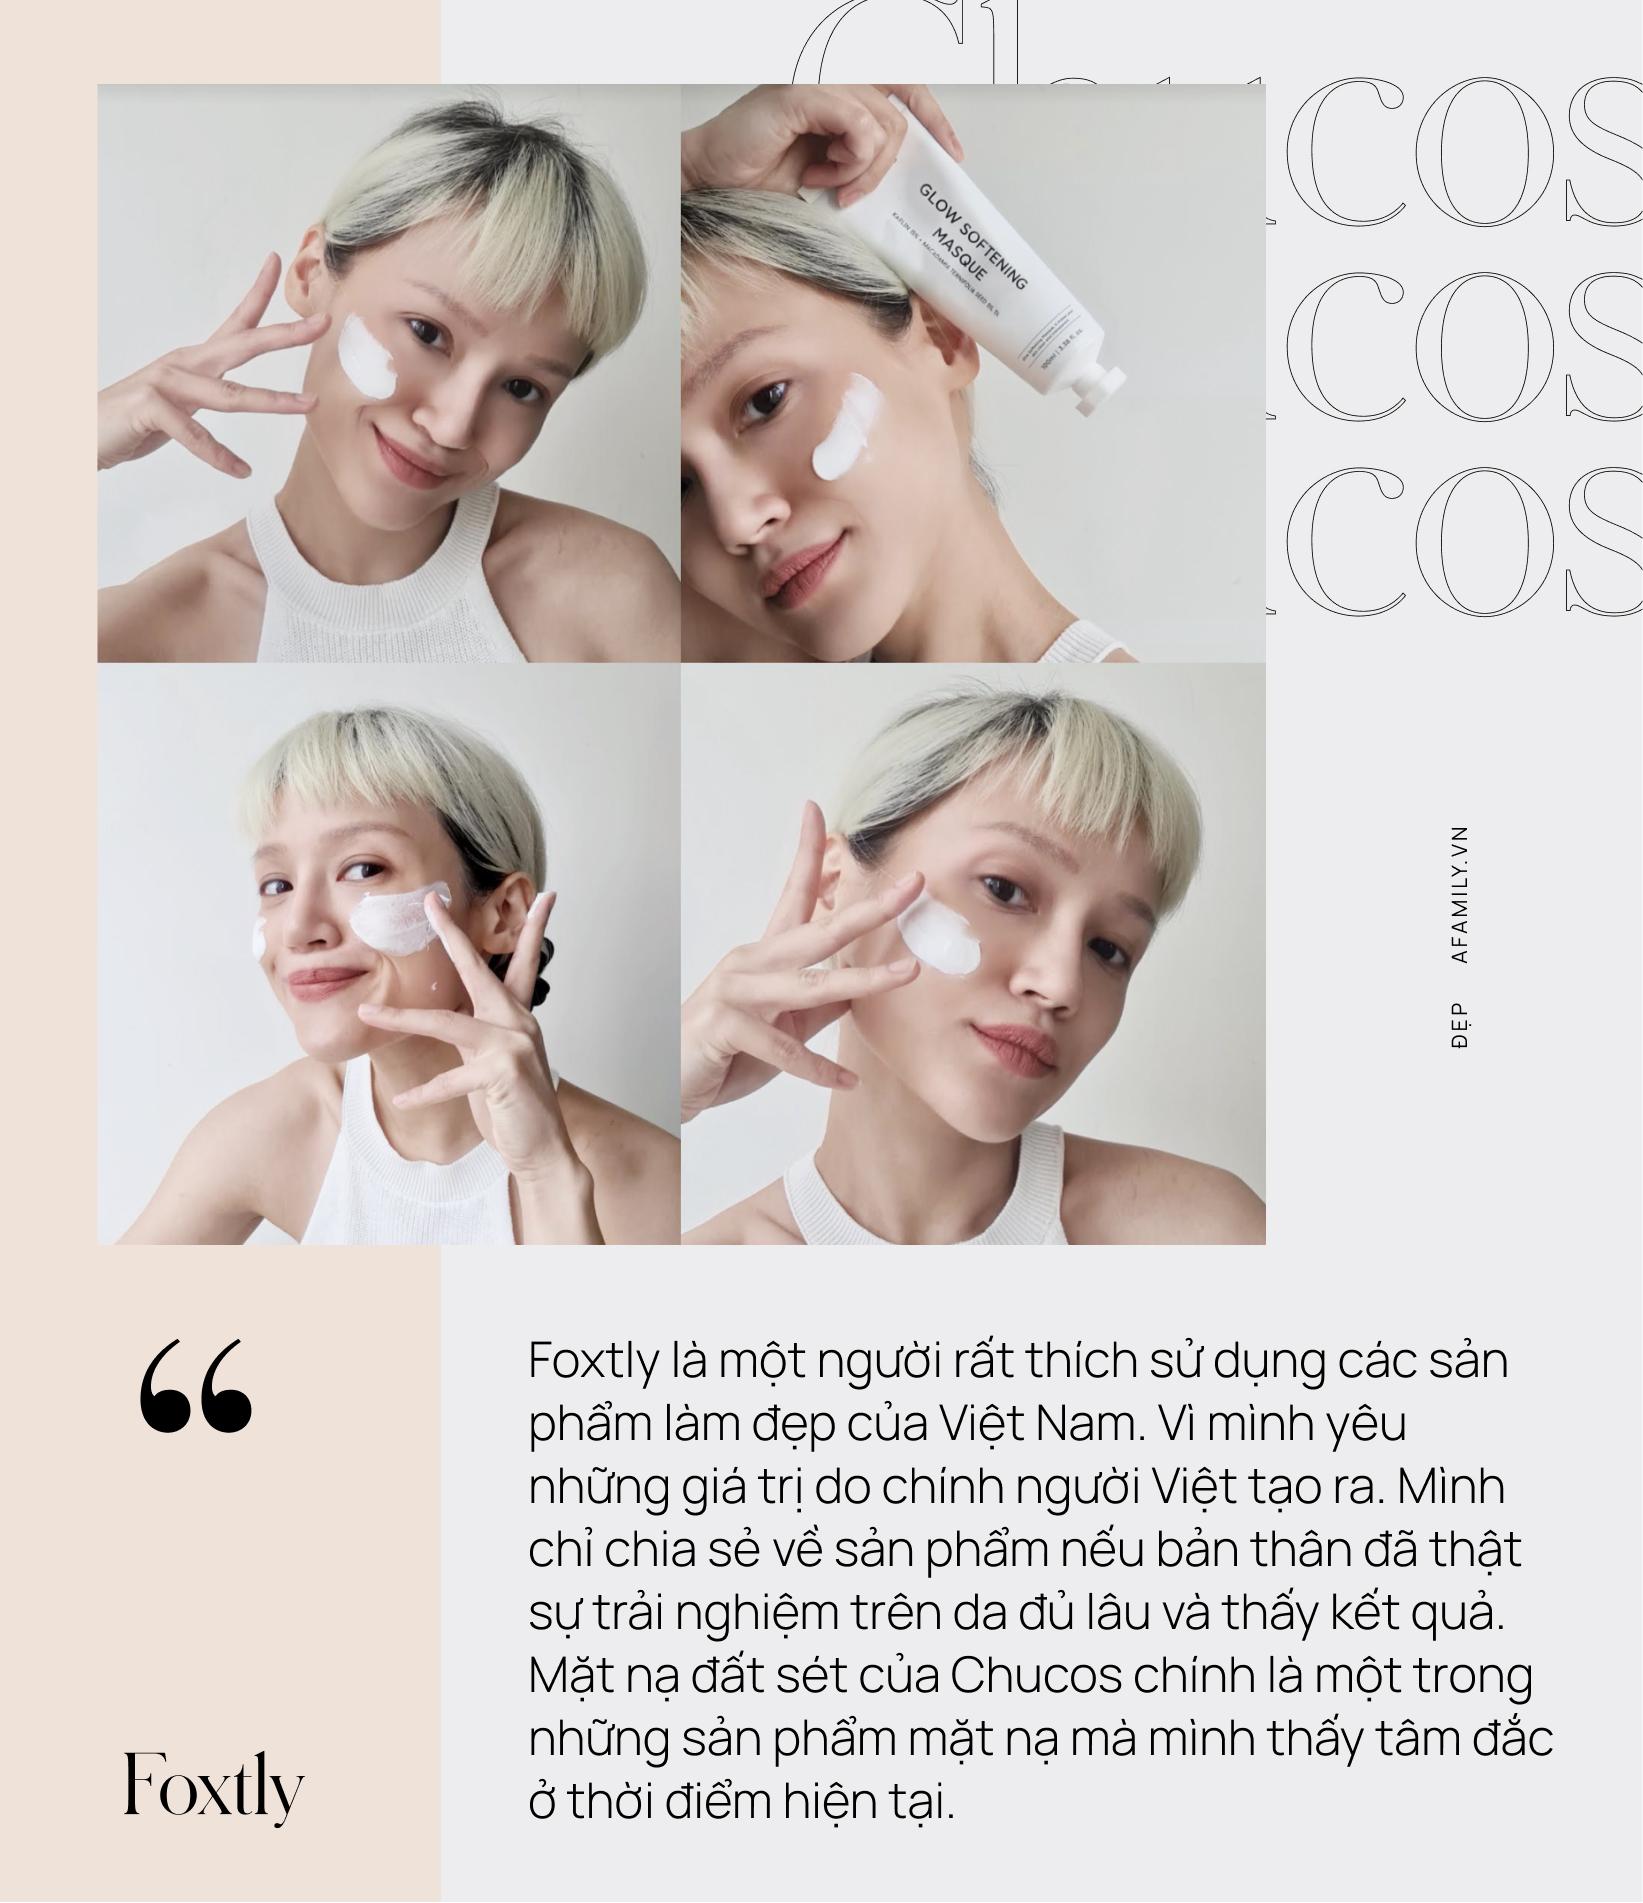 Chucos: Thương hiệu mỹ phẩm Việt không màu mè hoa lá nhưng khẳng định chất lượng từ bên trong - Ảnh 7.